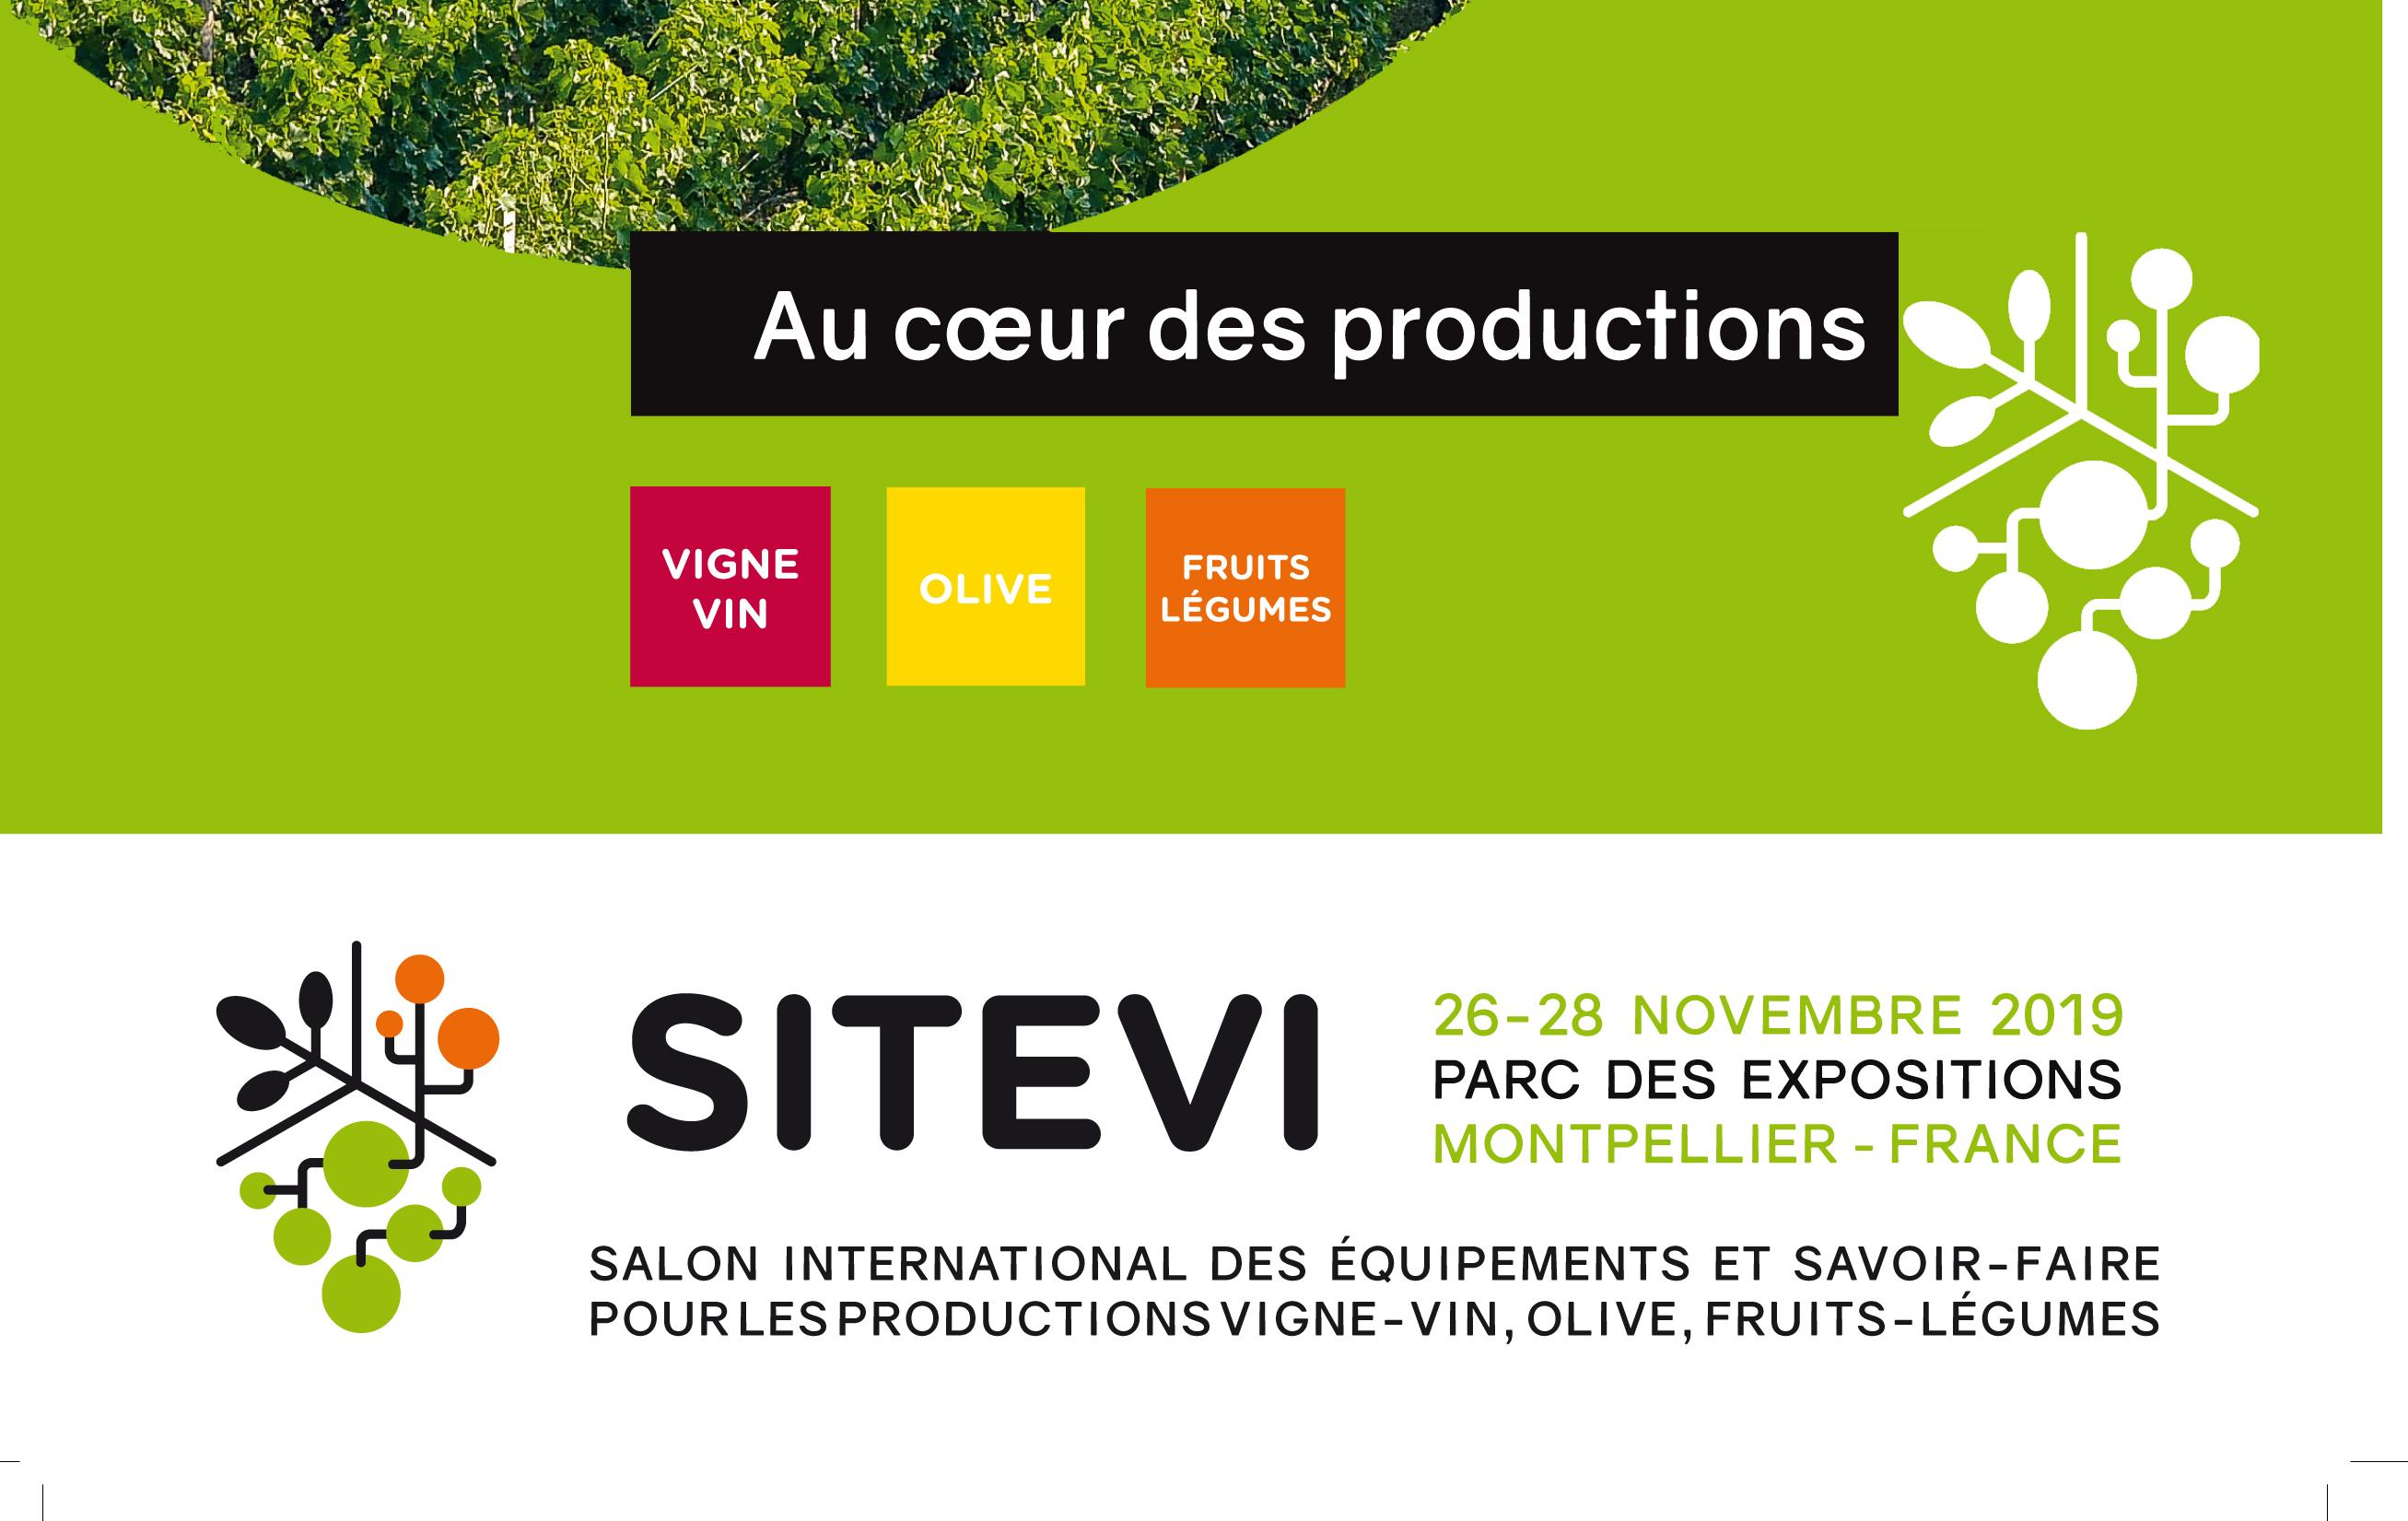 Votre badge d'accès gratuit au salon SITEVI